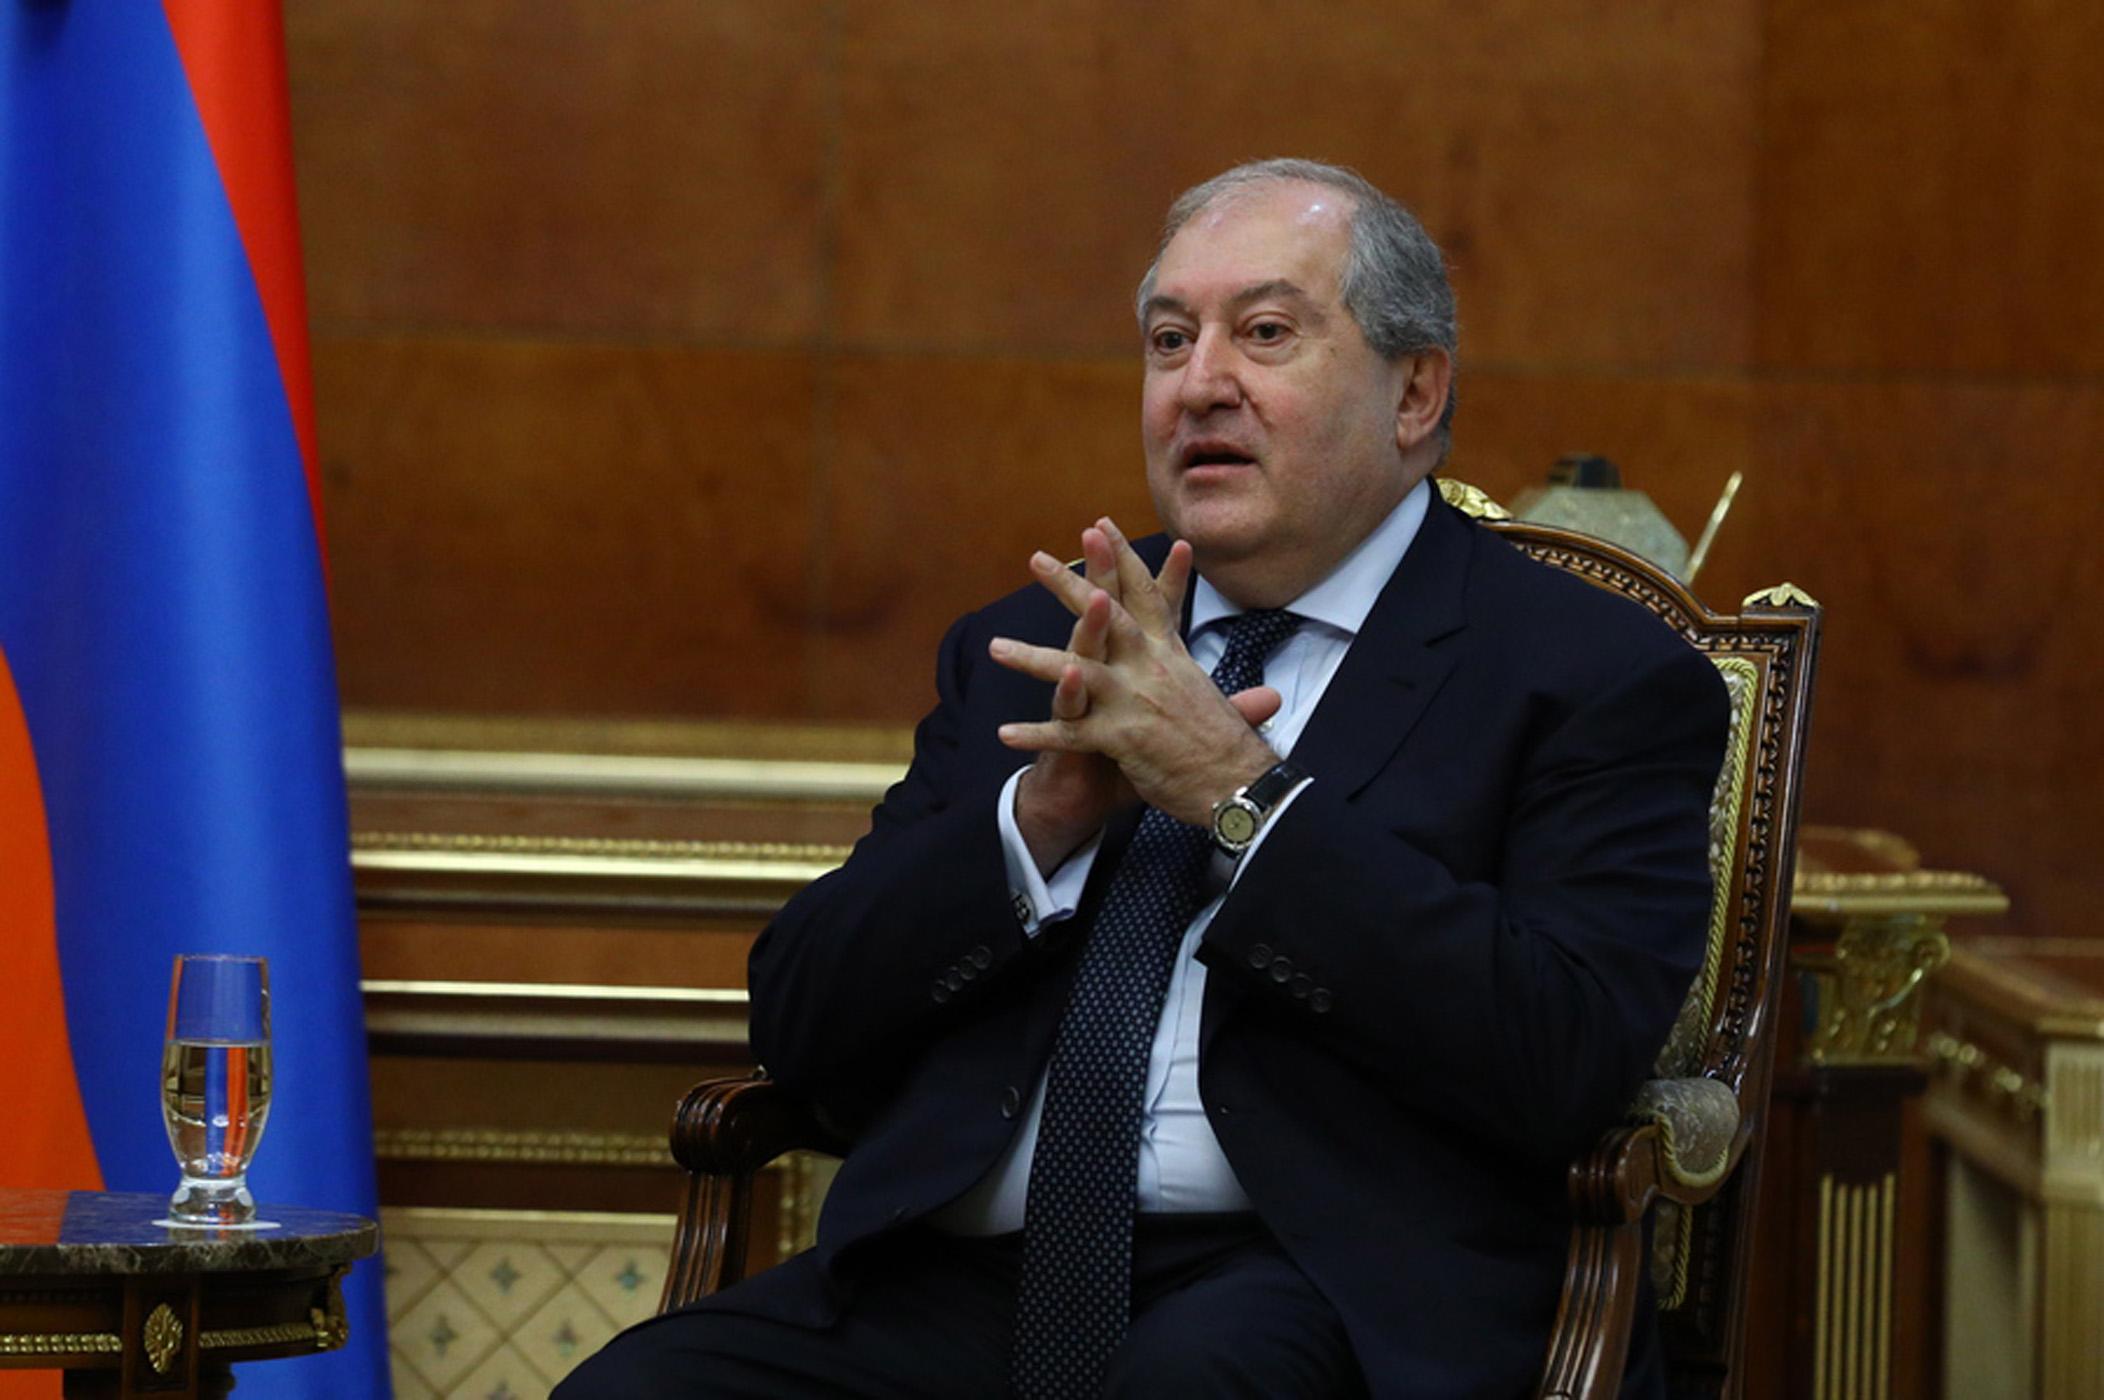 Αρμενία: Ο πρόεδρος Σαρκισιάν με κορονοϊό στο Λονδίνο